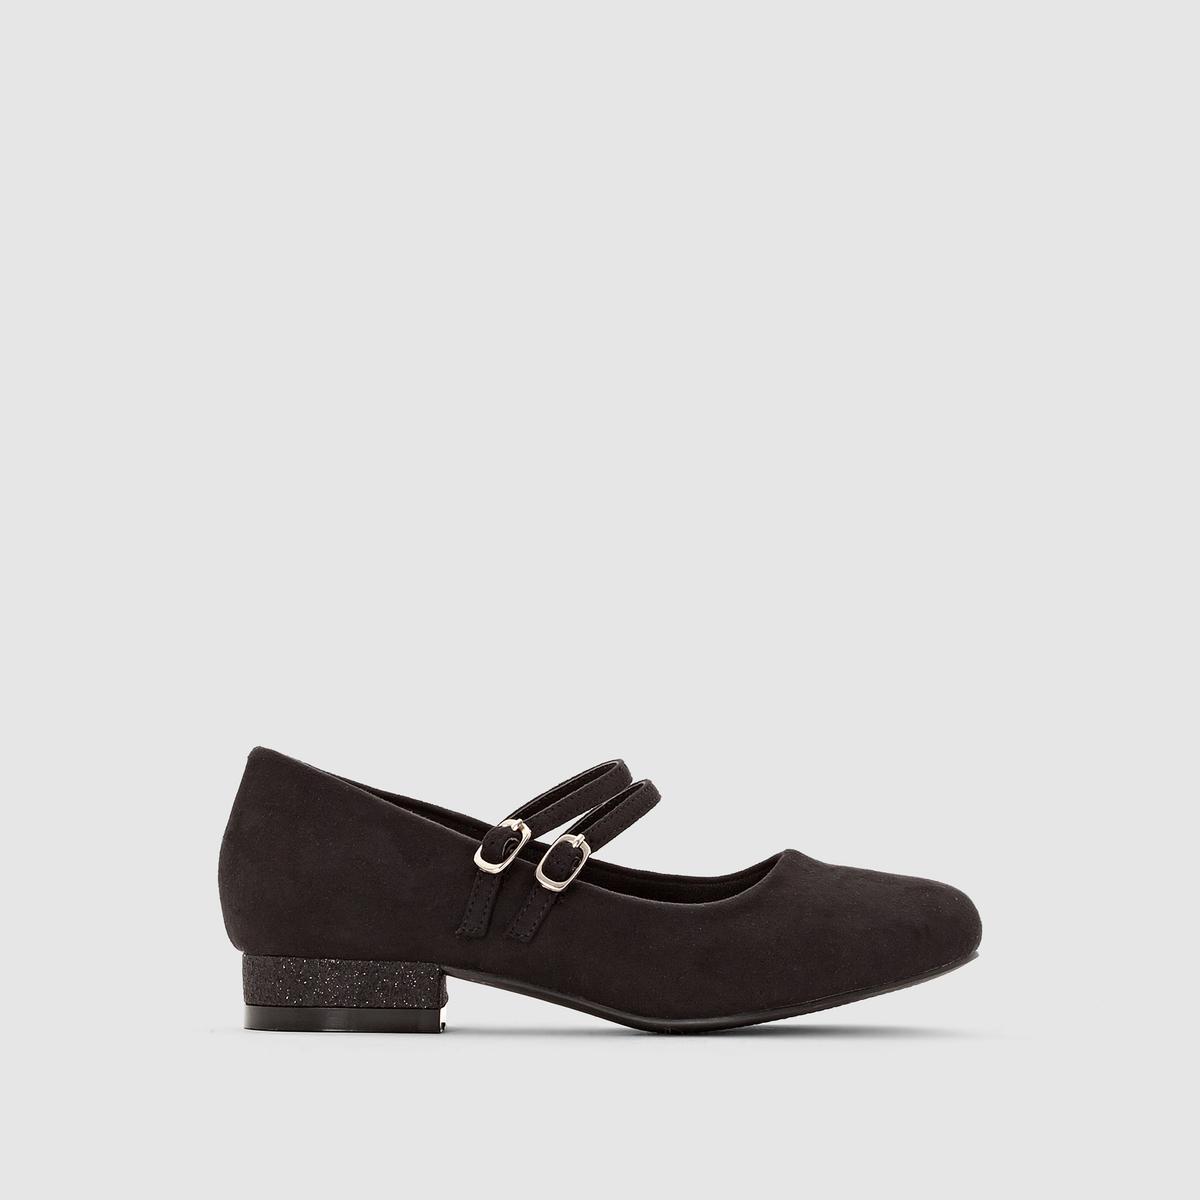 Балетки с двойным ремешком на маленьком каблуке с блестками